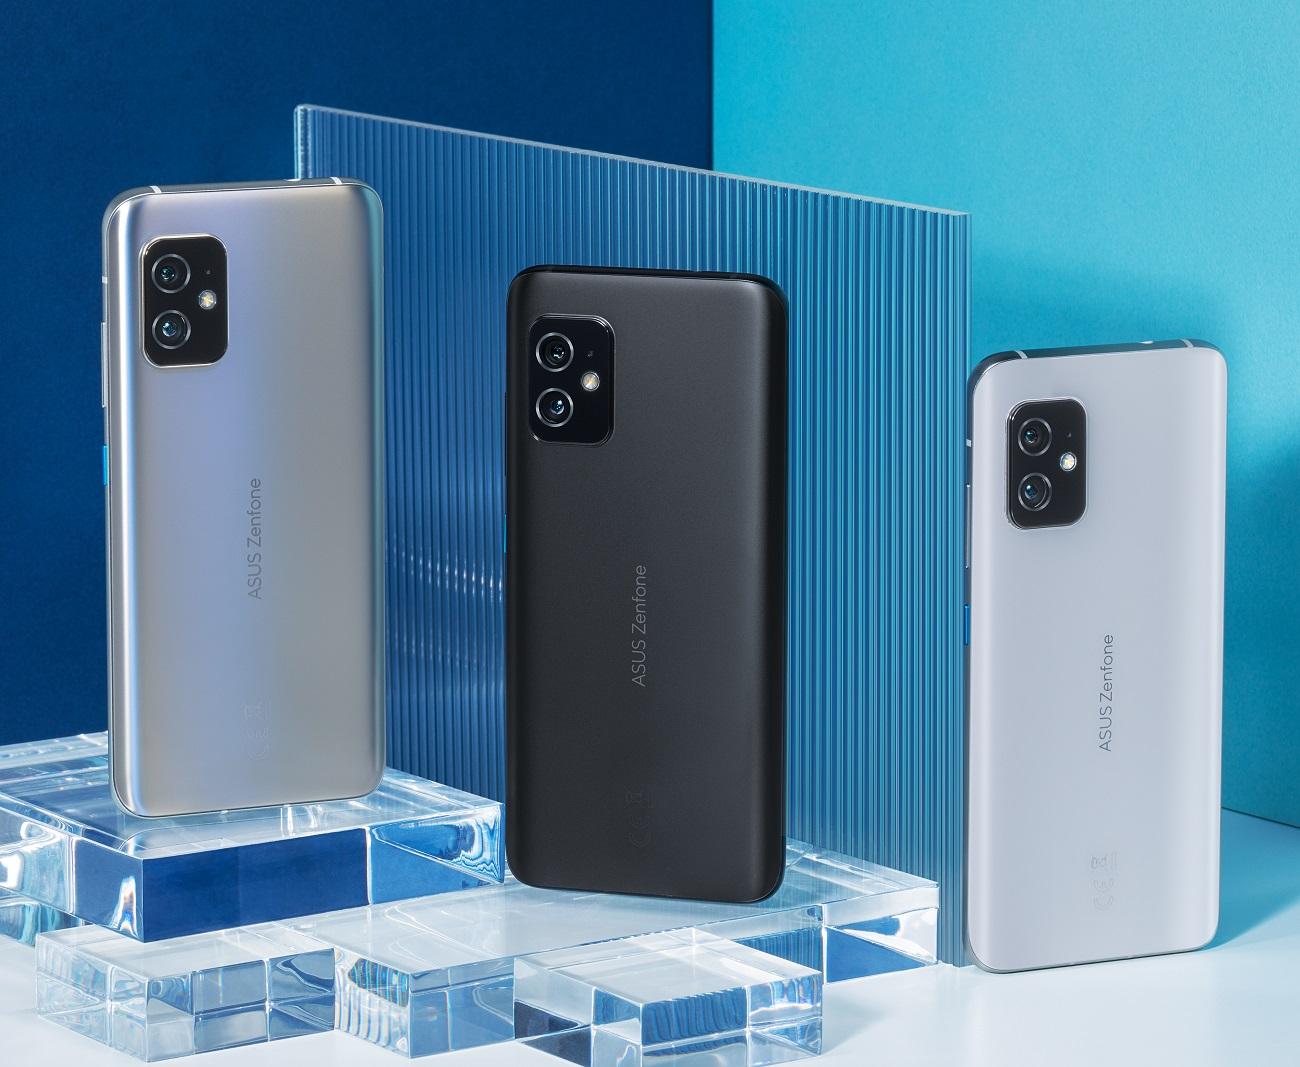 Asus dévoile son Zenfone 8, un smartphone premium au format riquiqui